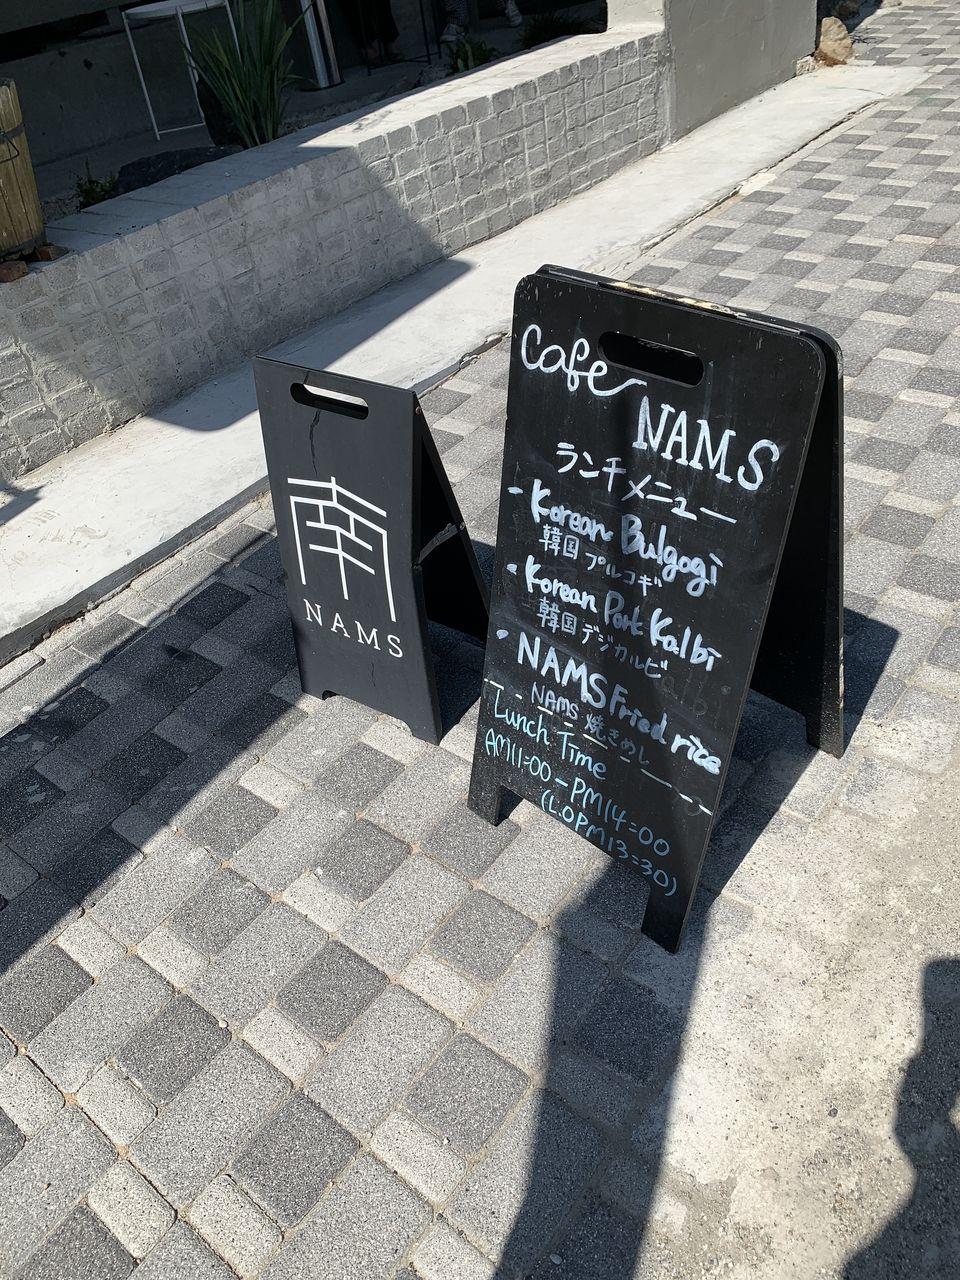 cafeNAMS(カフェナムス)のランチメニュー看板